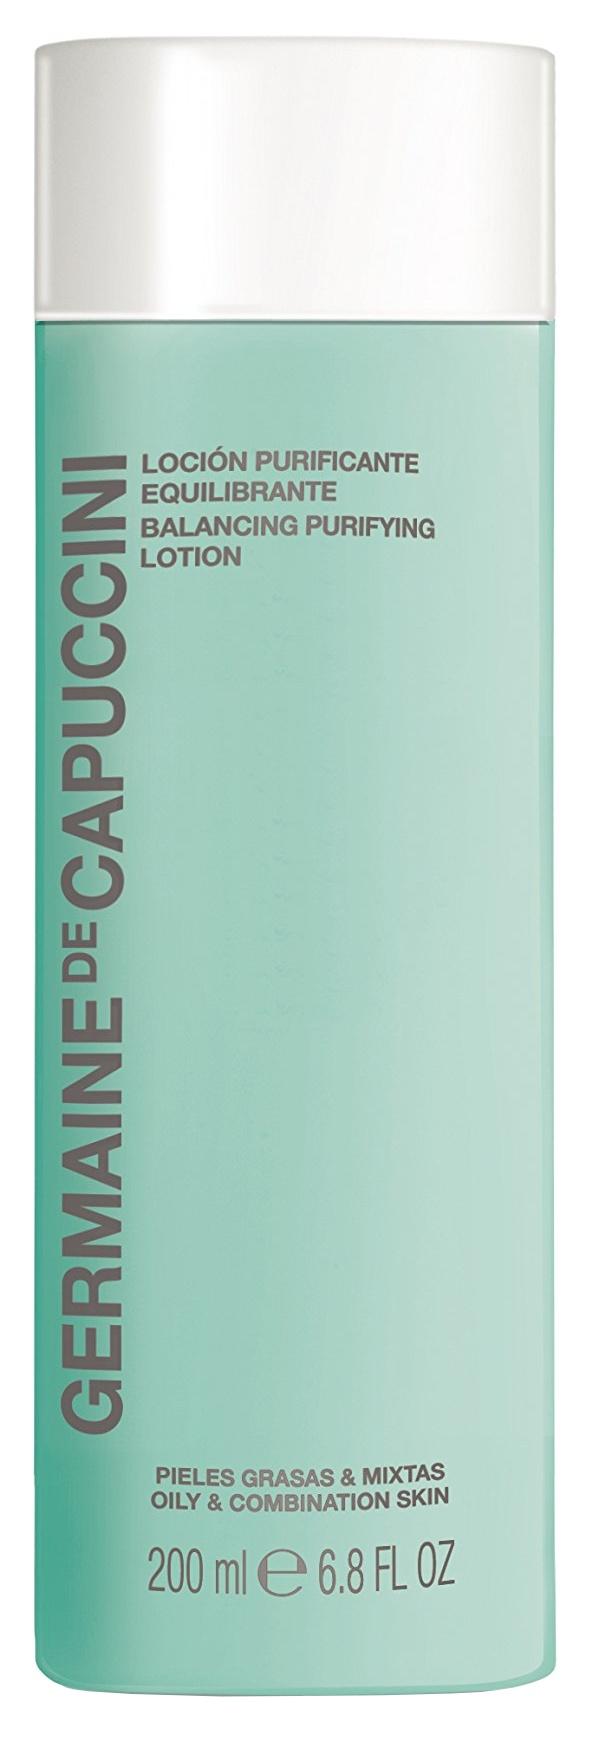 Germaine de Capuccini Options Balancing Purifying Lotion - čisticí pleťové tonikum pro mastnou a smíšenou pleť 200ml